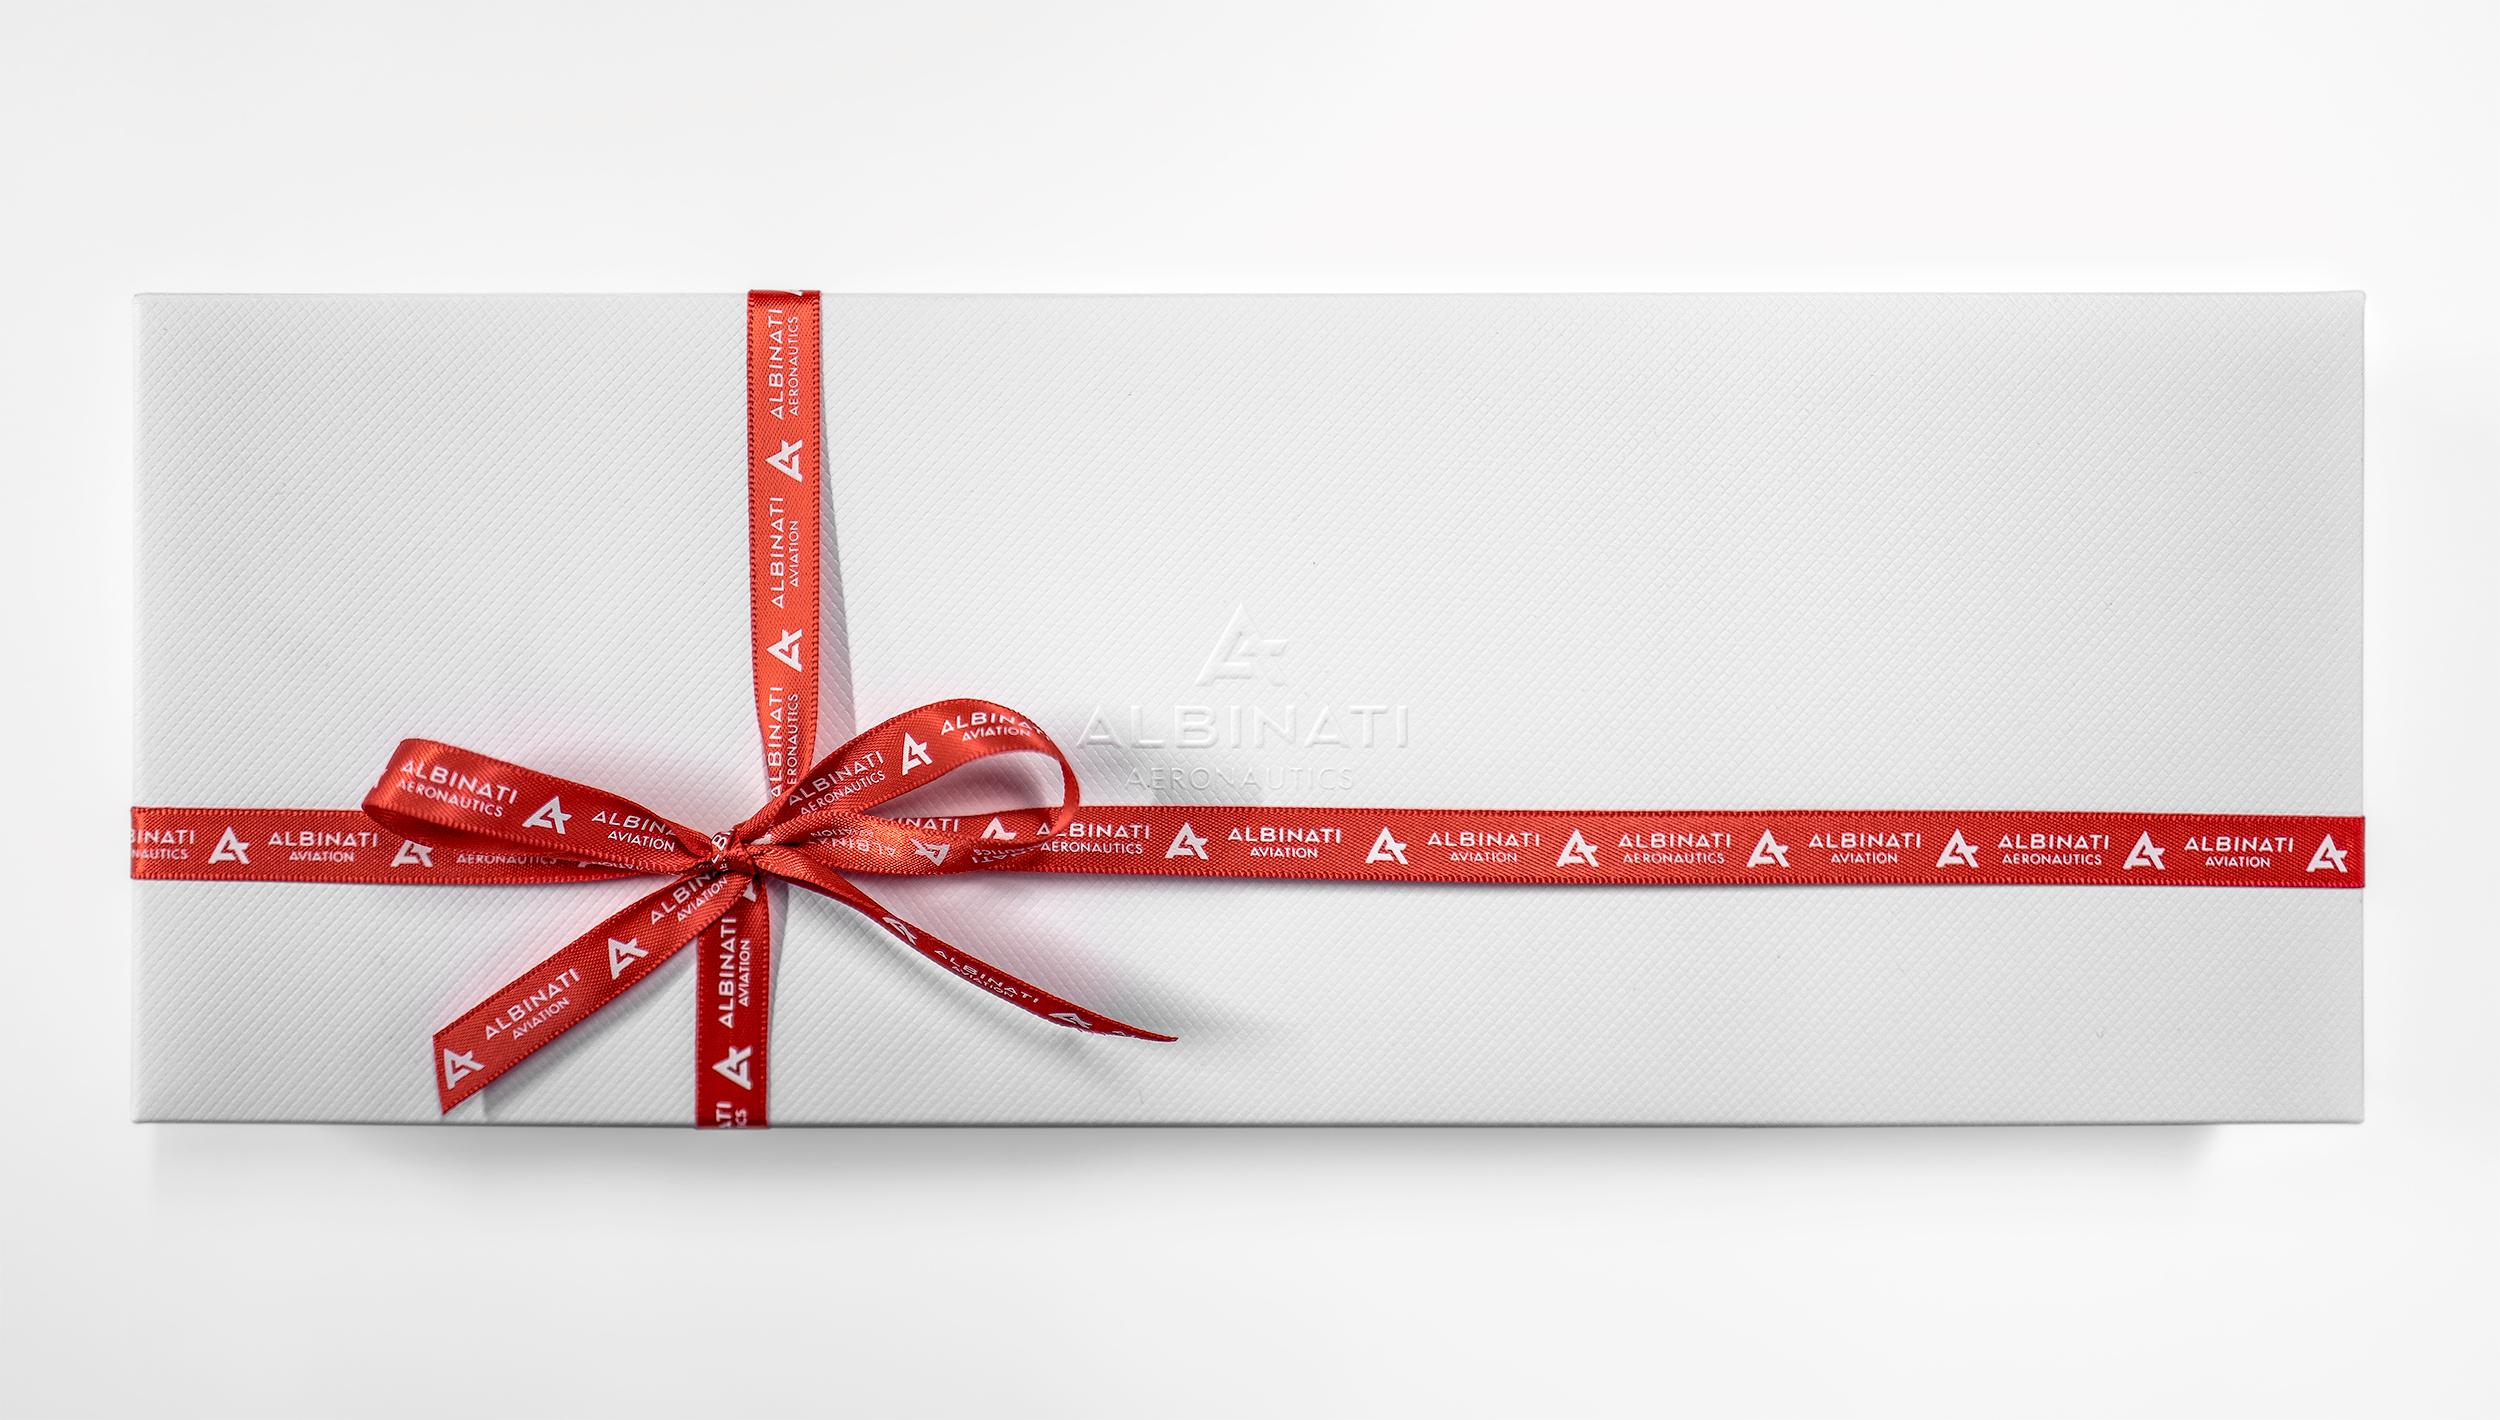 albinati-box-3